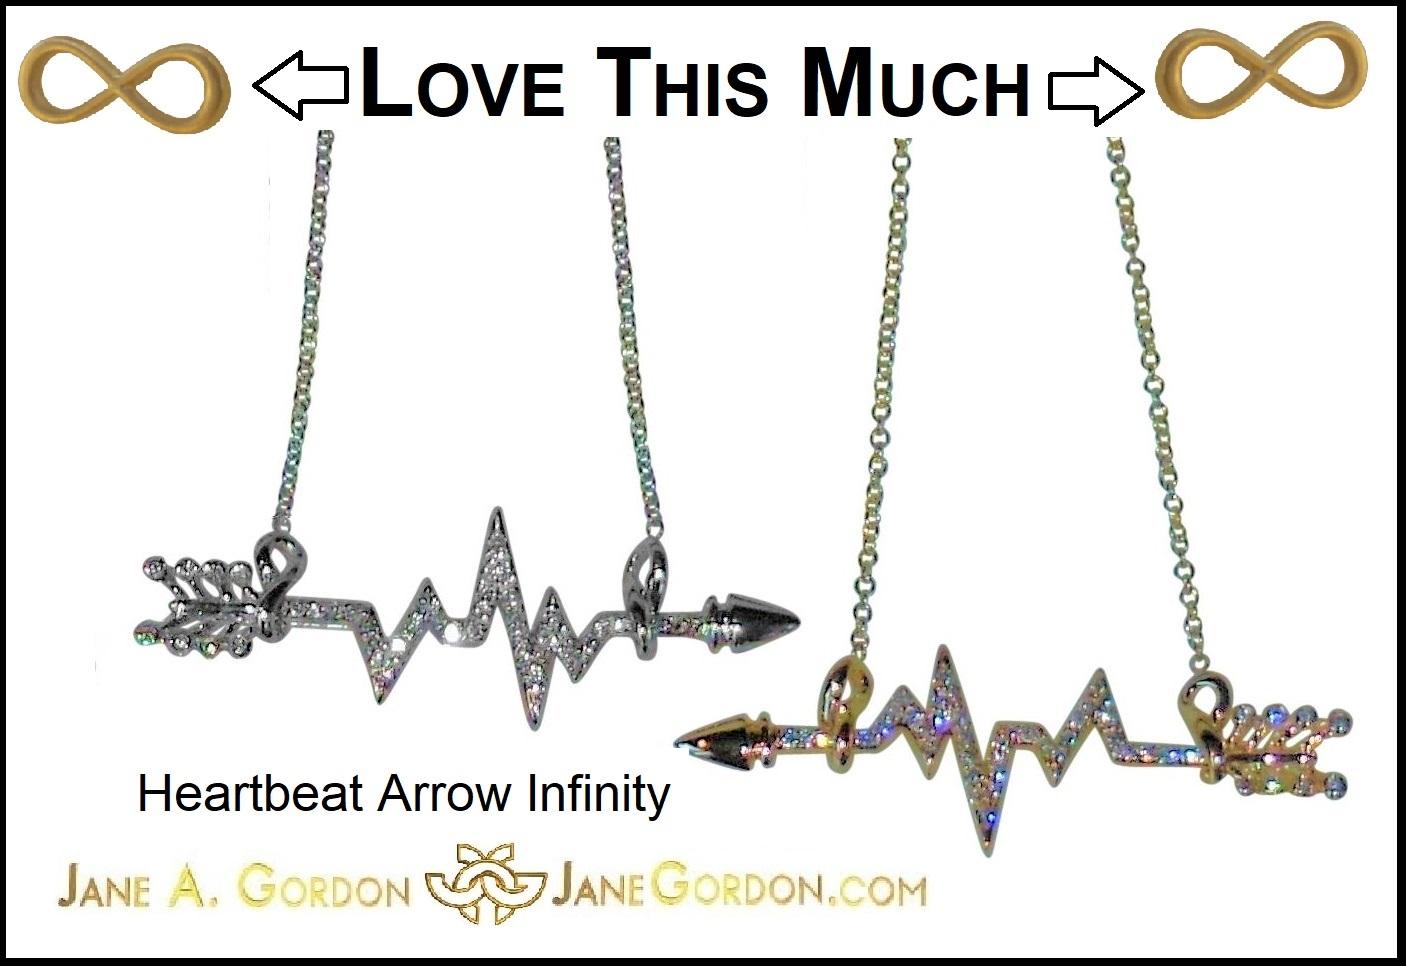 Heartbeat Arrow Infinity Necklace-Silver Gold Diamonds-Jane Gordon Jewelry